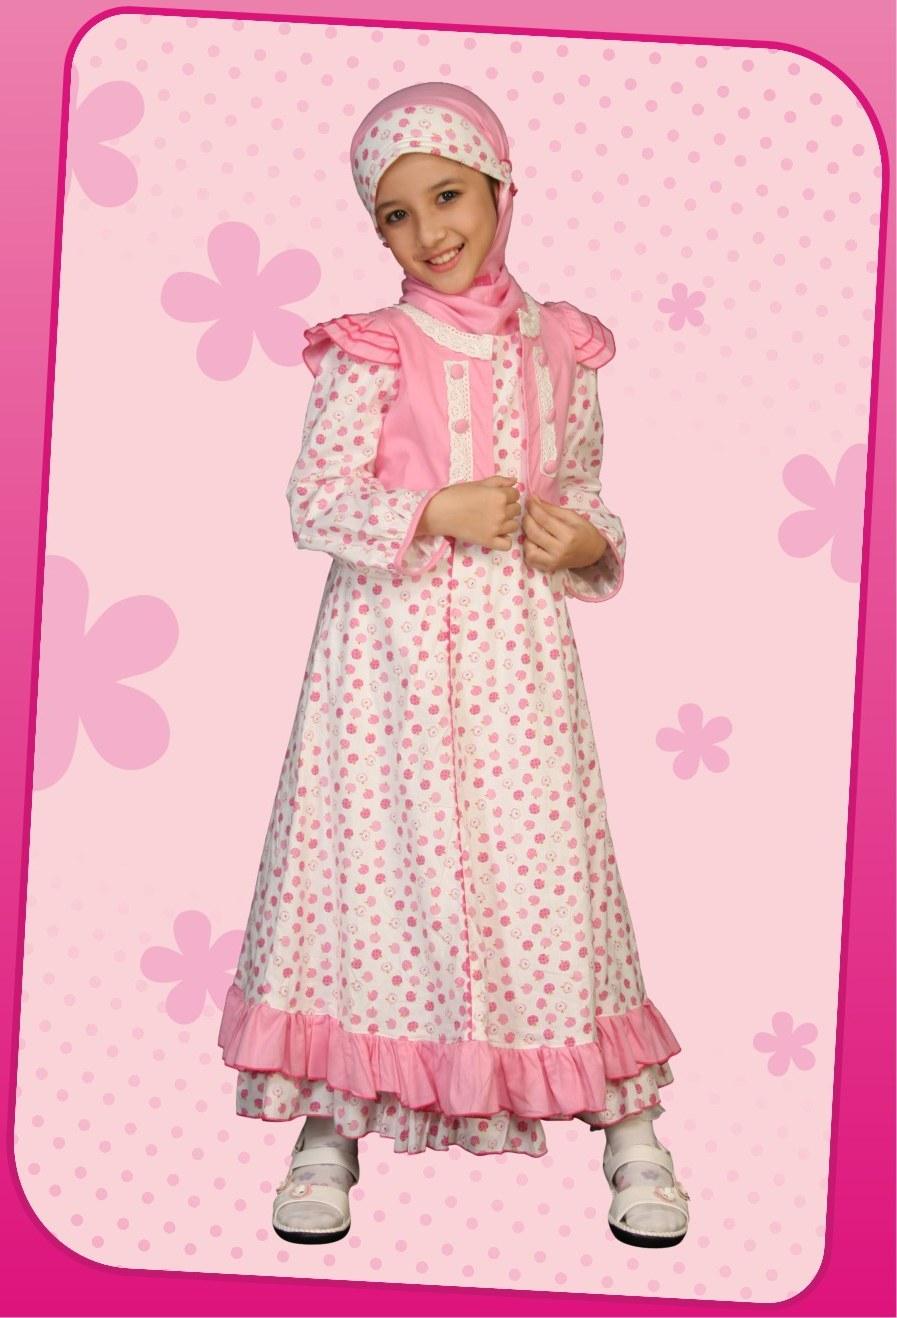 Ide Baju Lebaran Anak Muslim H9d9 Be Happy Young Mother Busana Muslim Anak 2 Koleksi